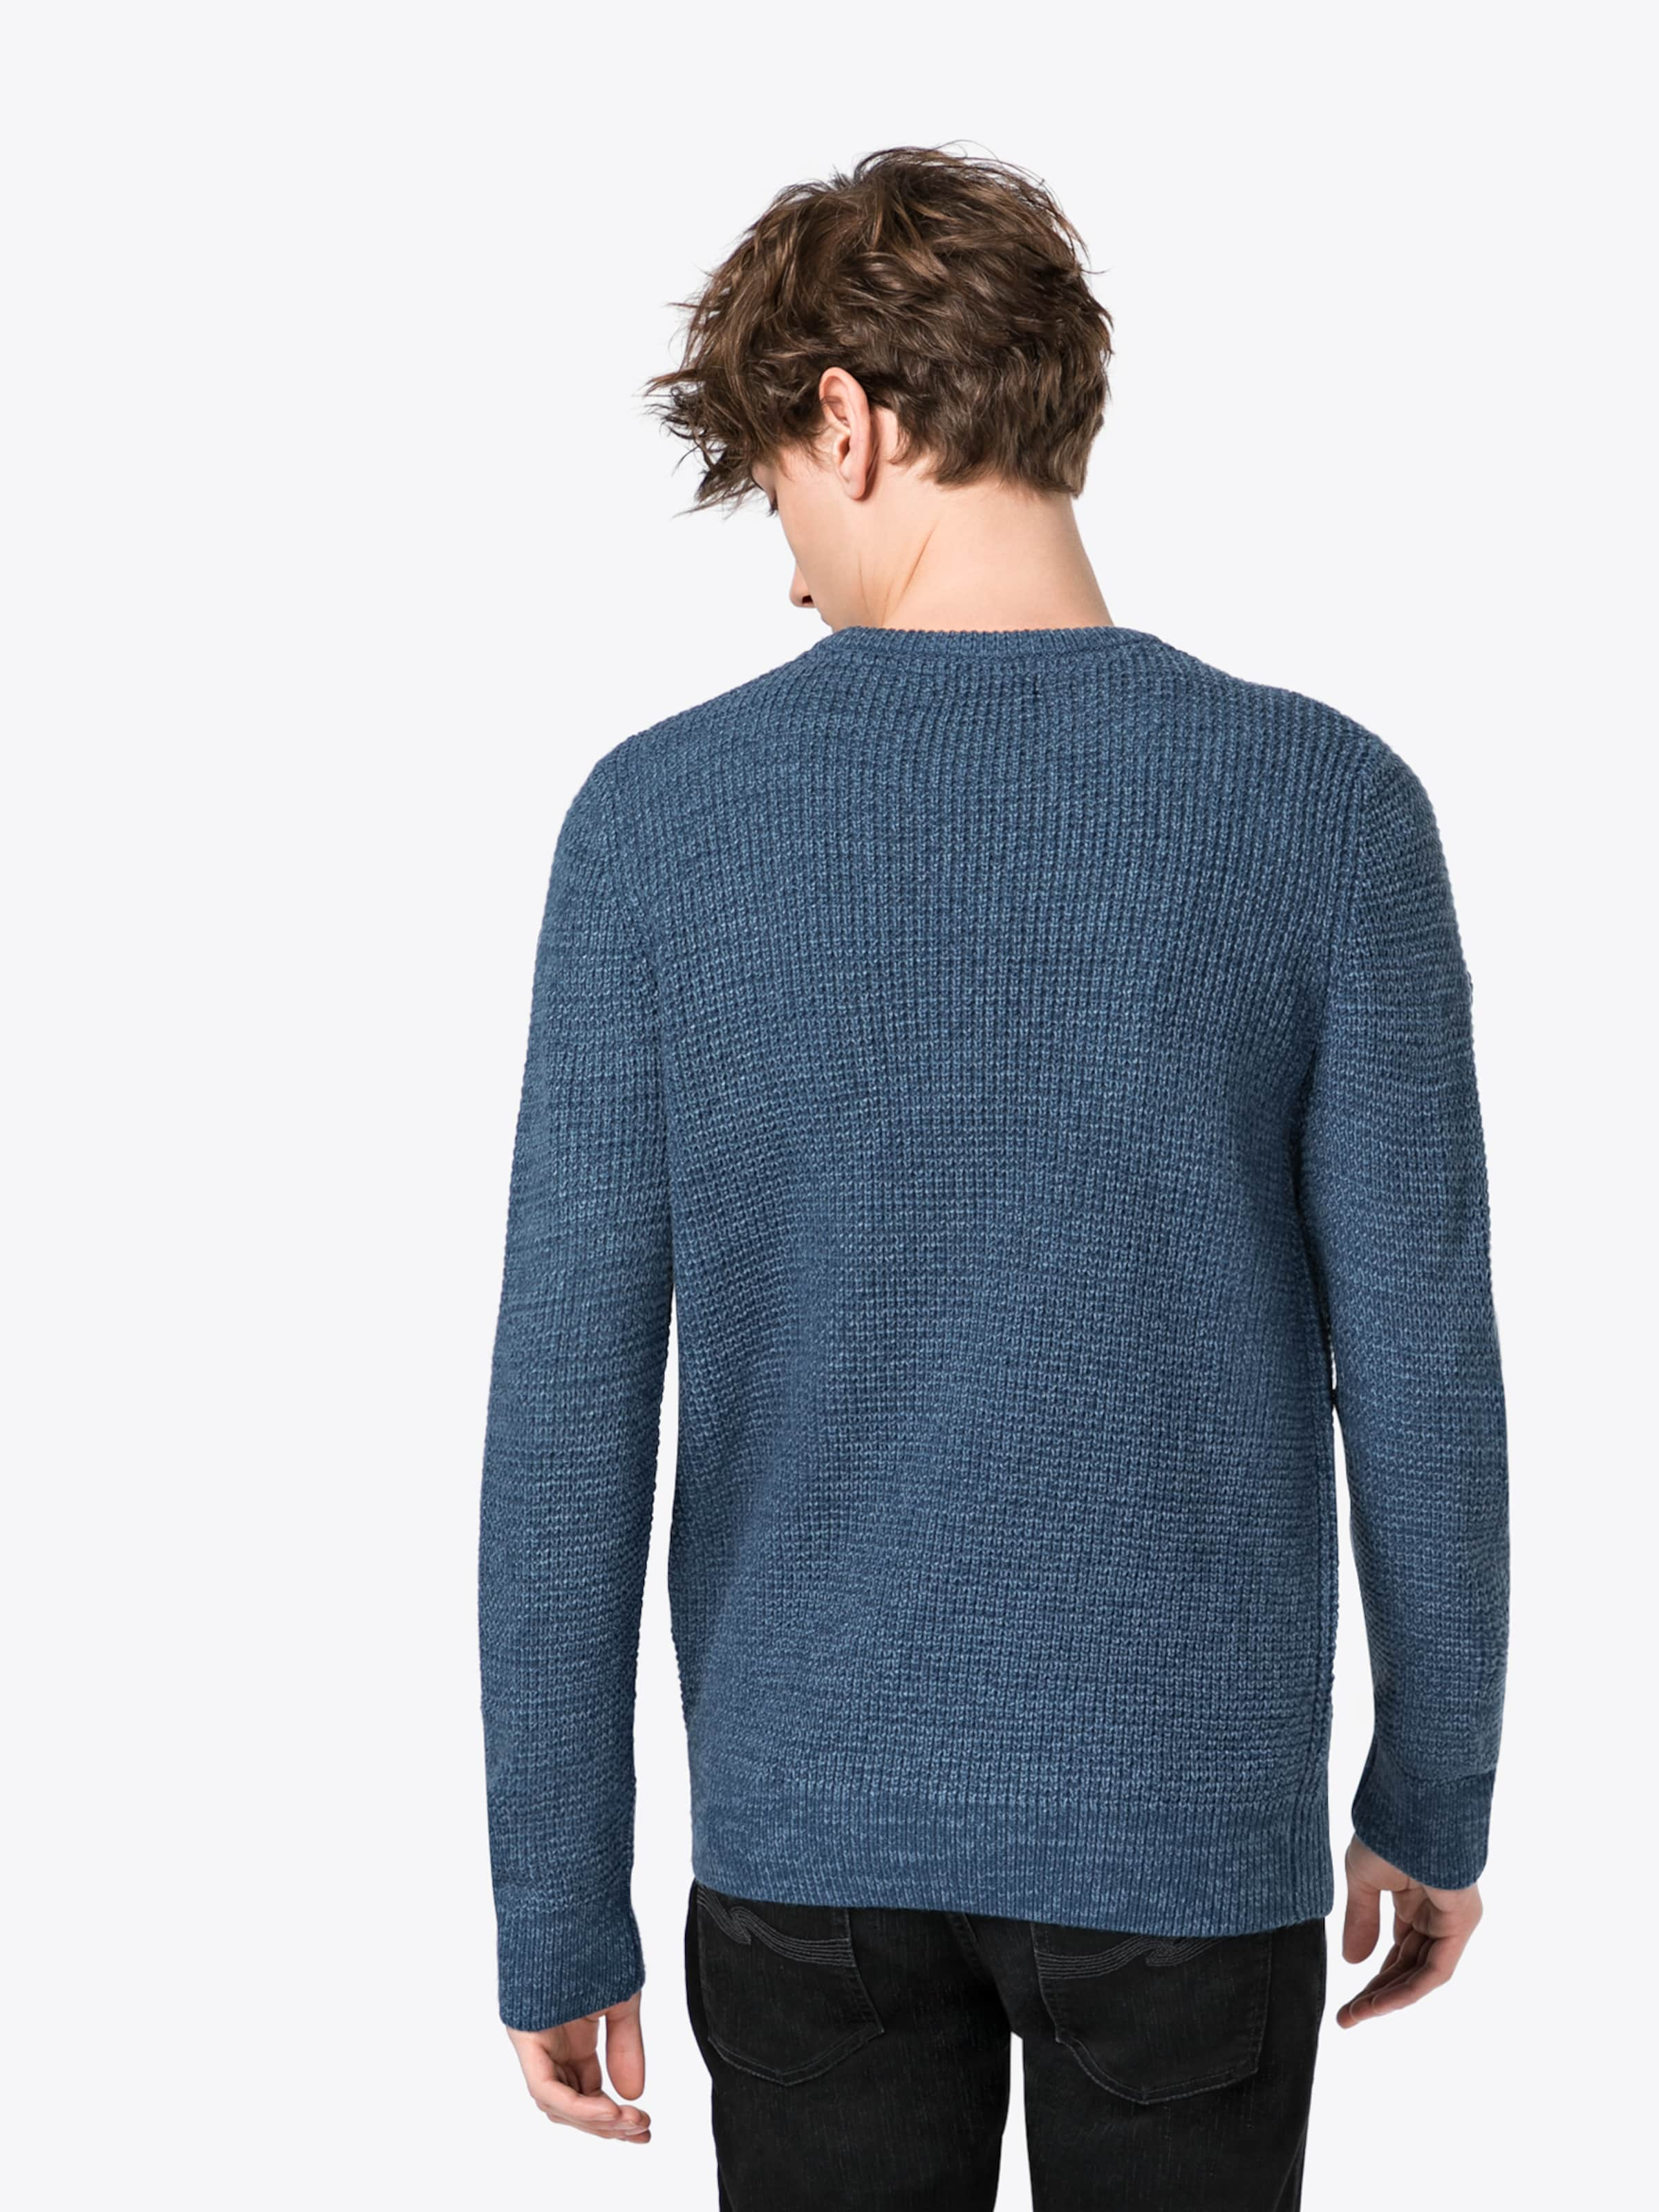 NEW LOOK Pullover 'TUCK STITCH CREW' Sammlungen Die Günstigste Online pYSjizsNm